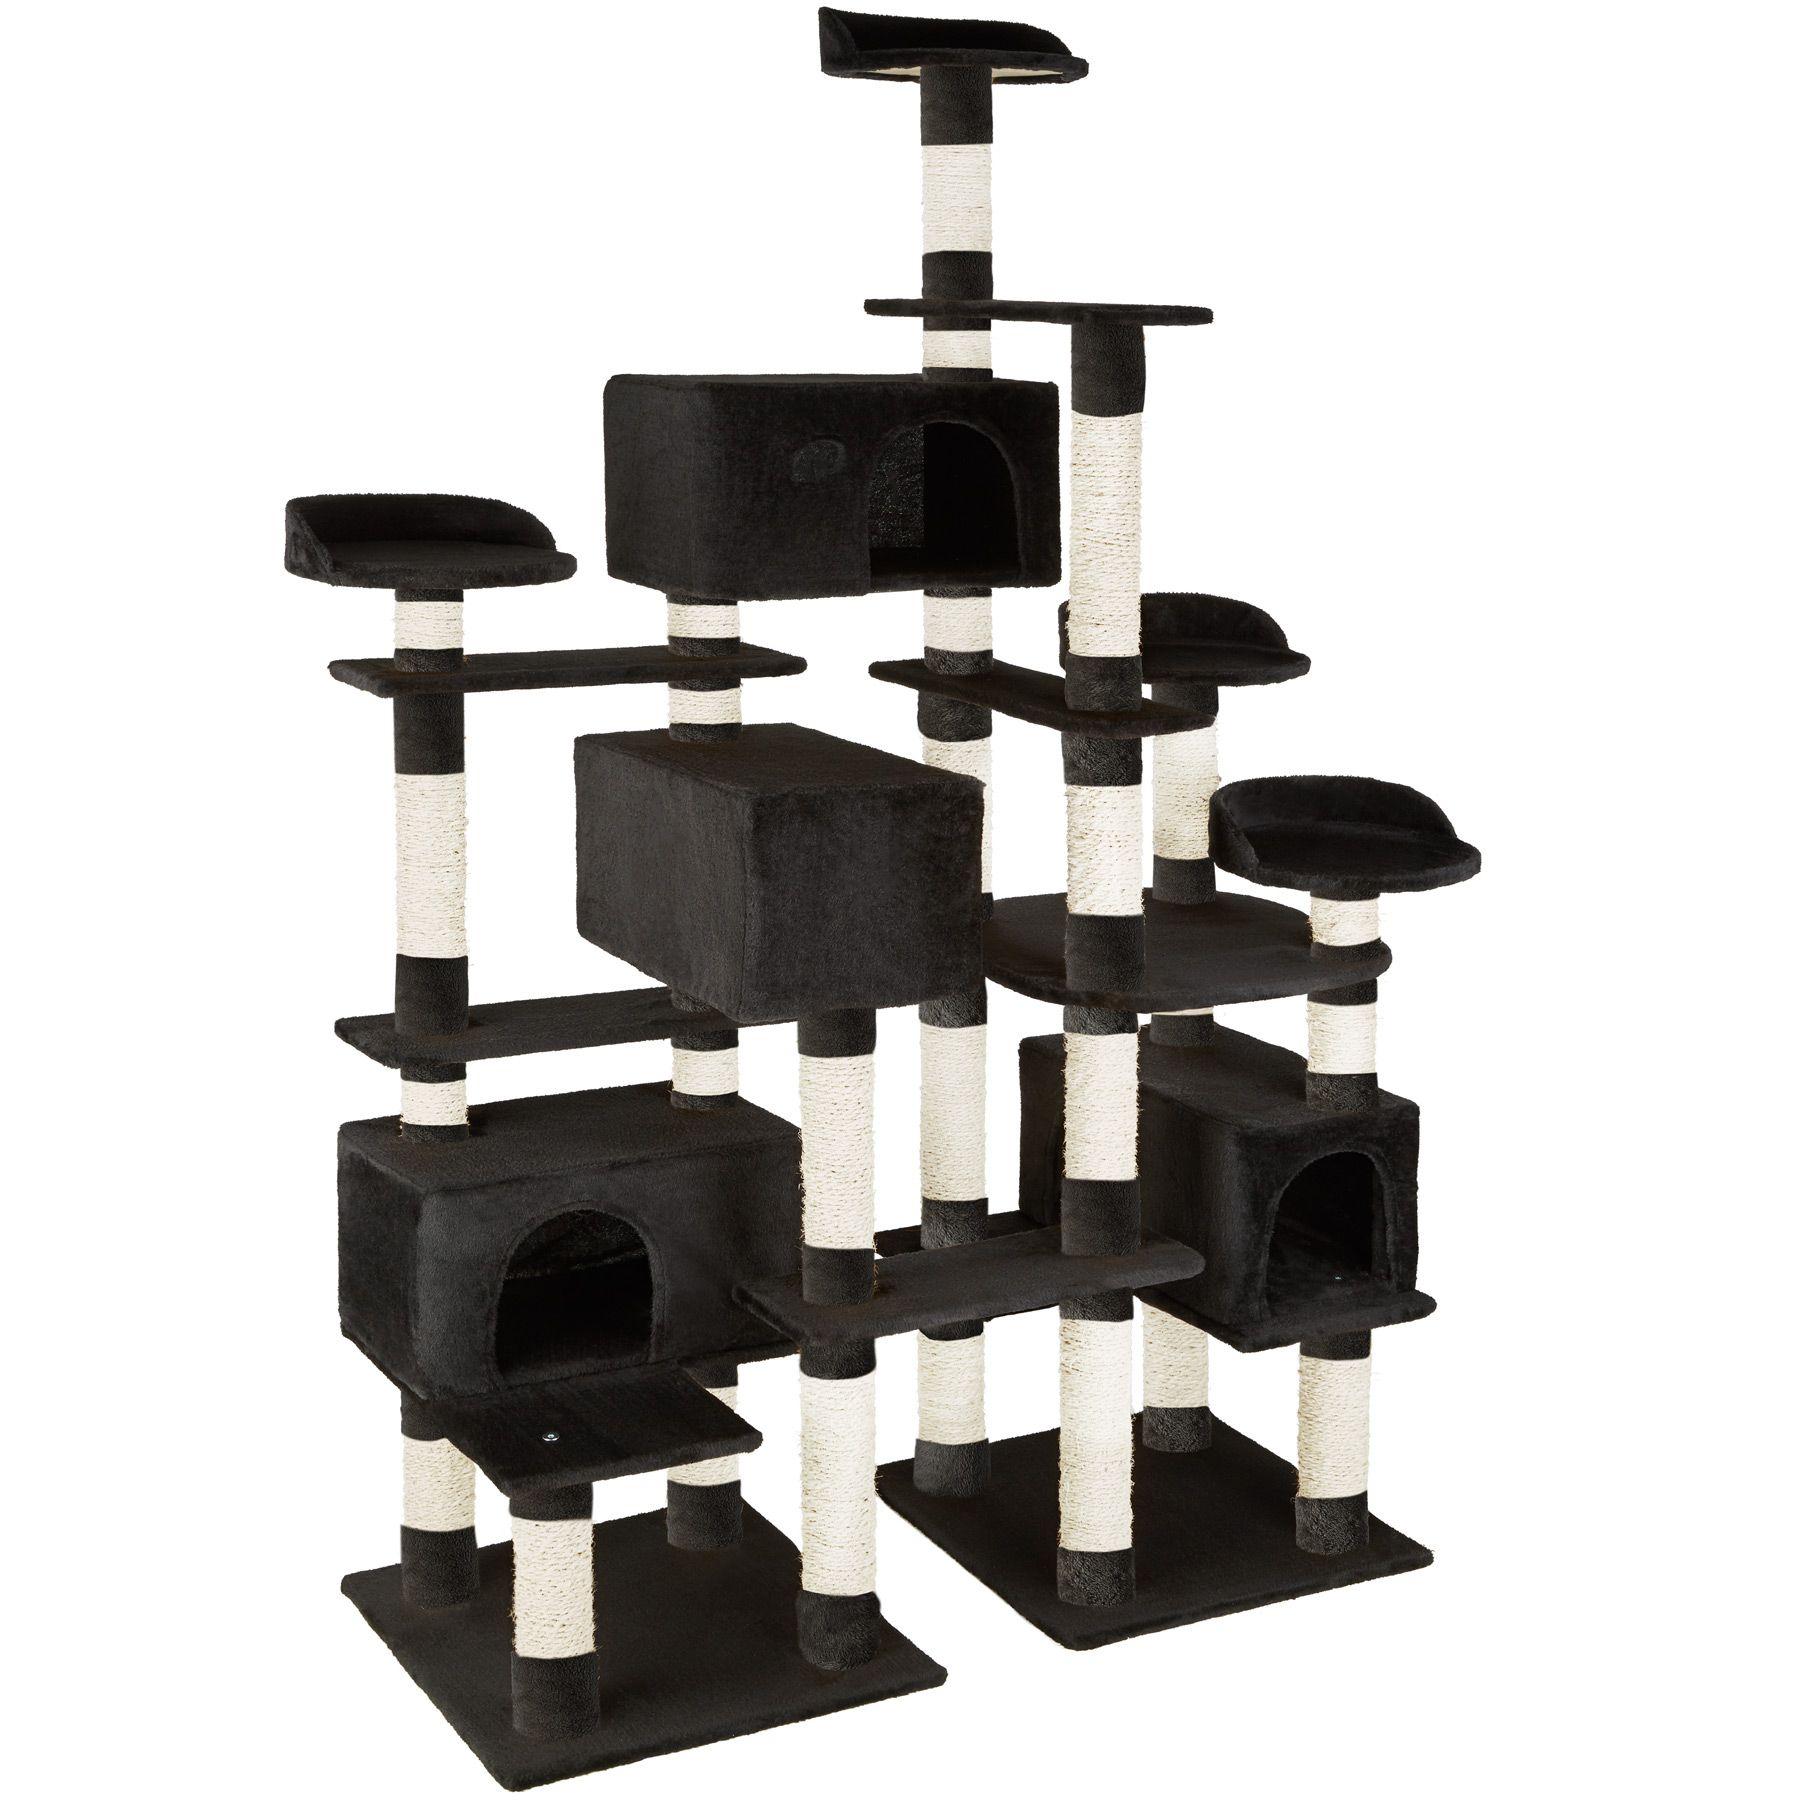 xxl kratzbaum baum f r katzen kletterbaum katzenbaum. Black Bedroom Furniture Sets. Home Design Ideas